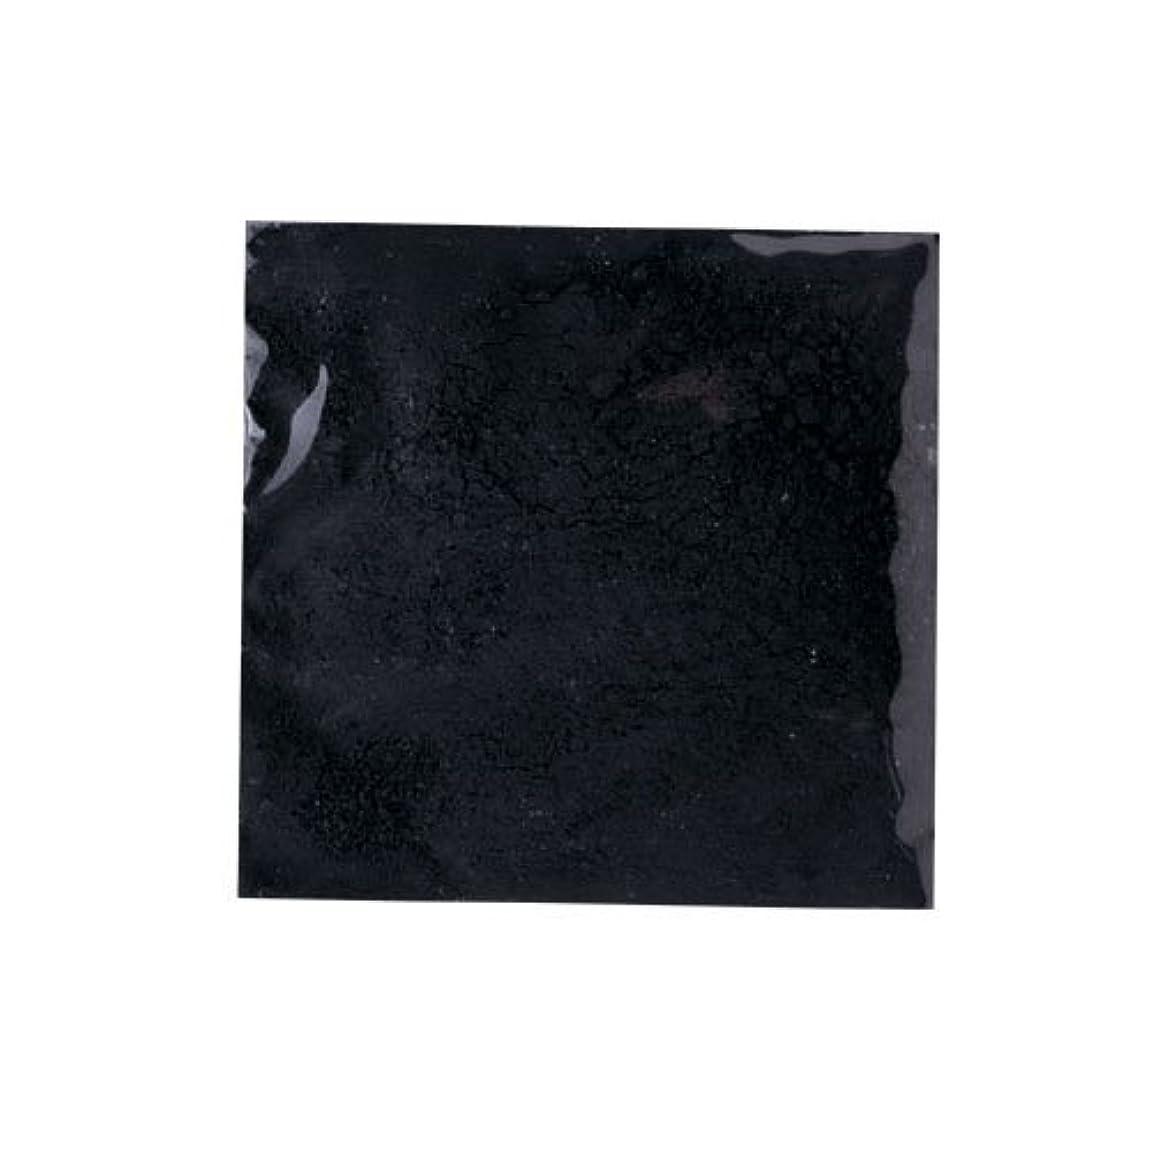 対液化する徐々にピカエース ネイル用パウダー ピカエース カラーパウダー 着色顔料 #710 ジェットブラック 2g アート材